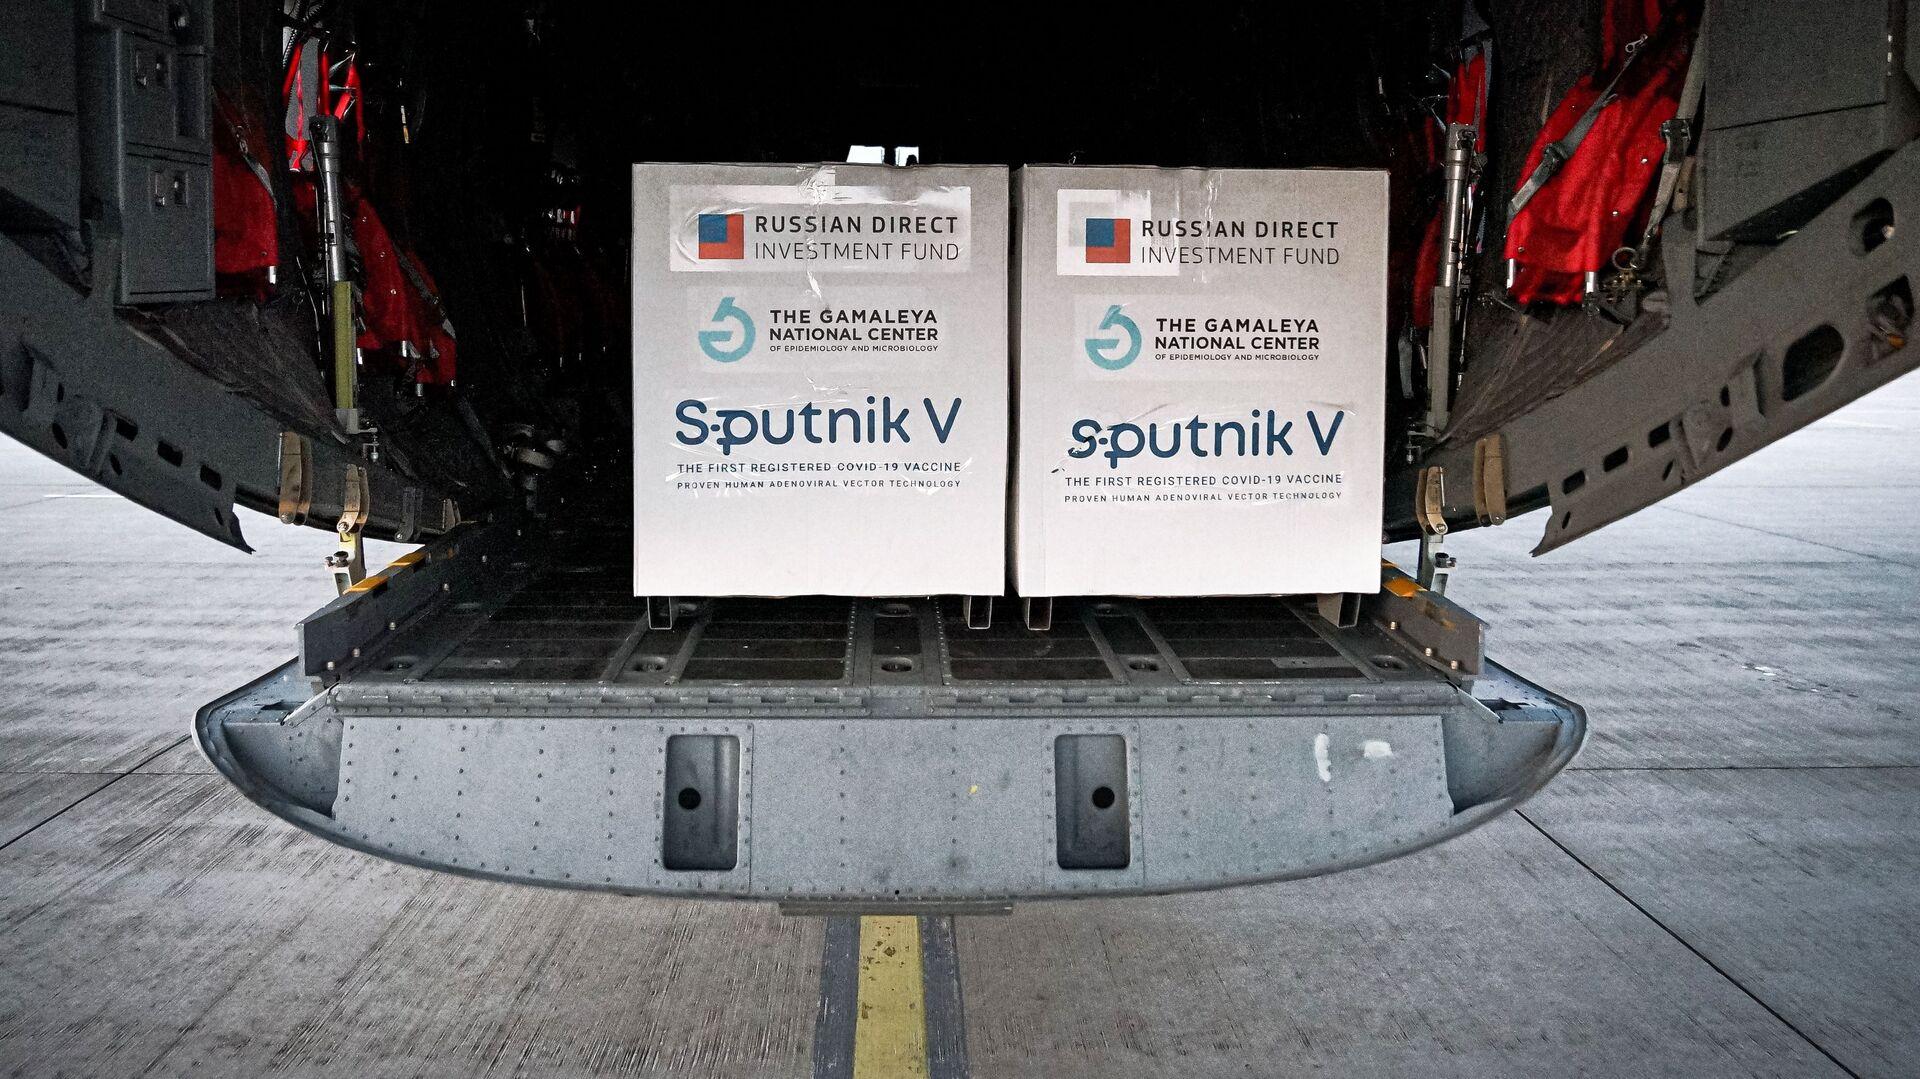 Pierwsza partia rosyjskiej szczepionki Sputnik V przyjechała na Słowację - Sputnik Polska, 1920, 23.03.2021